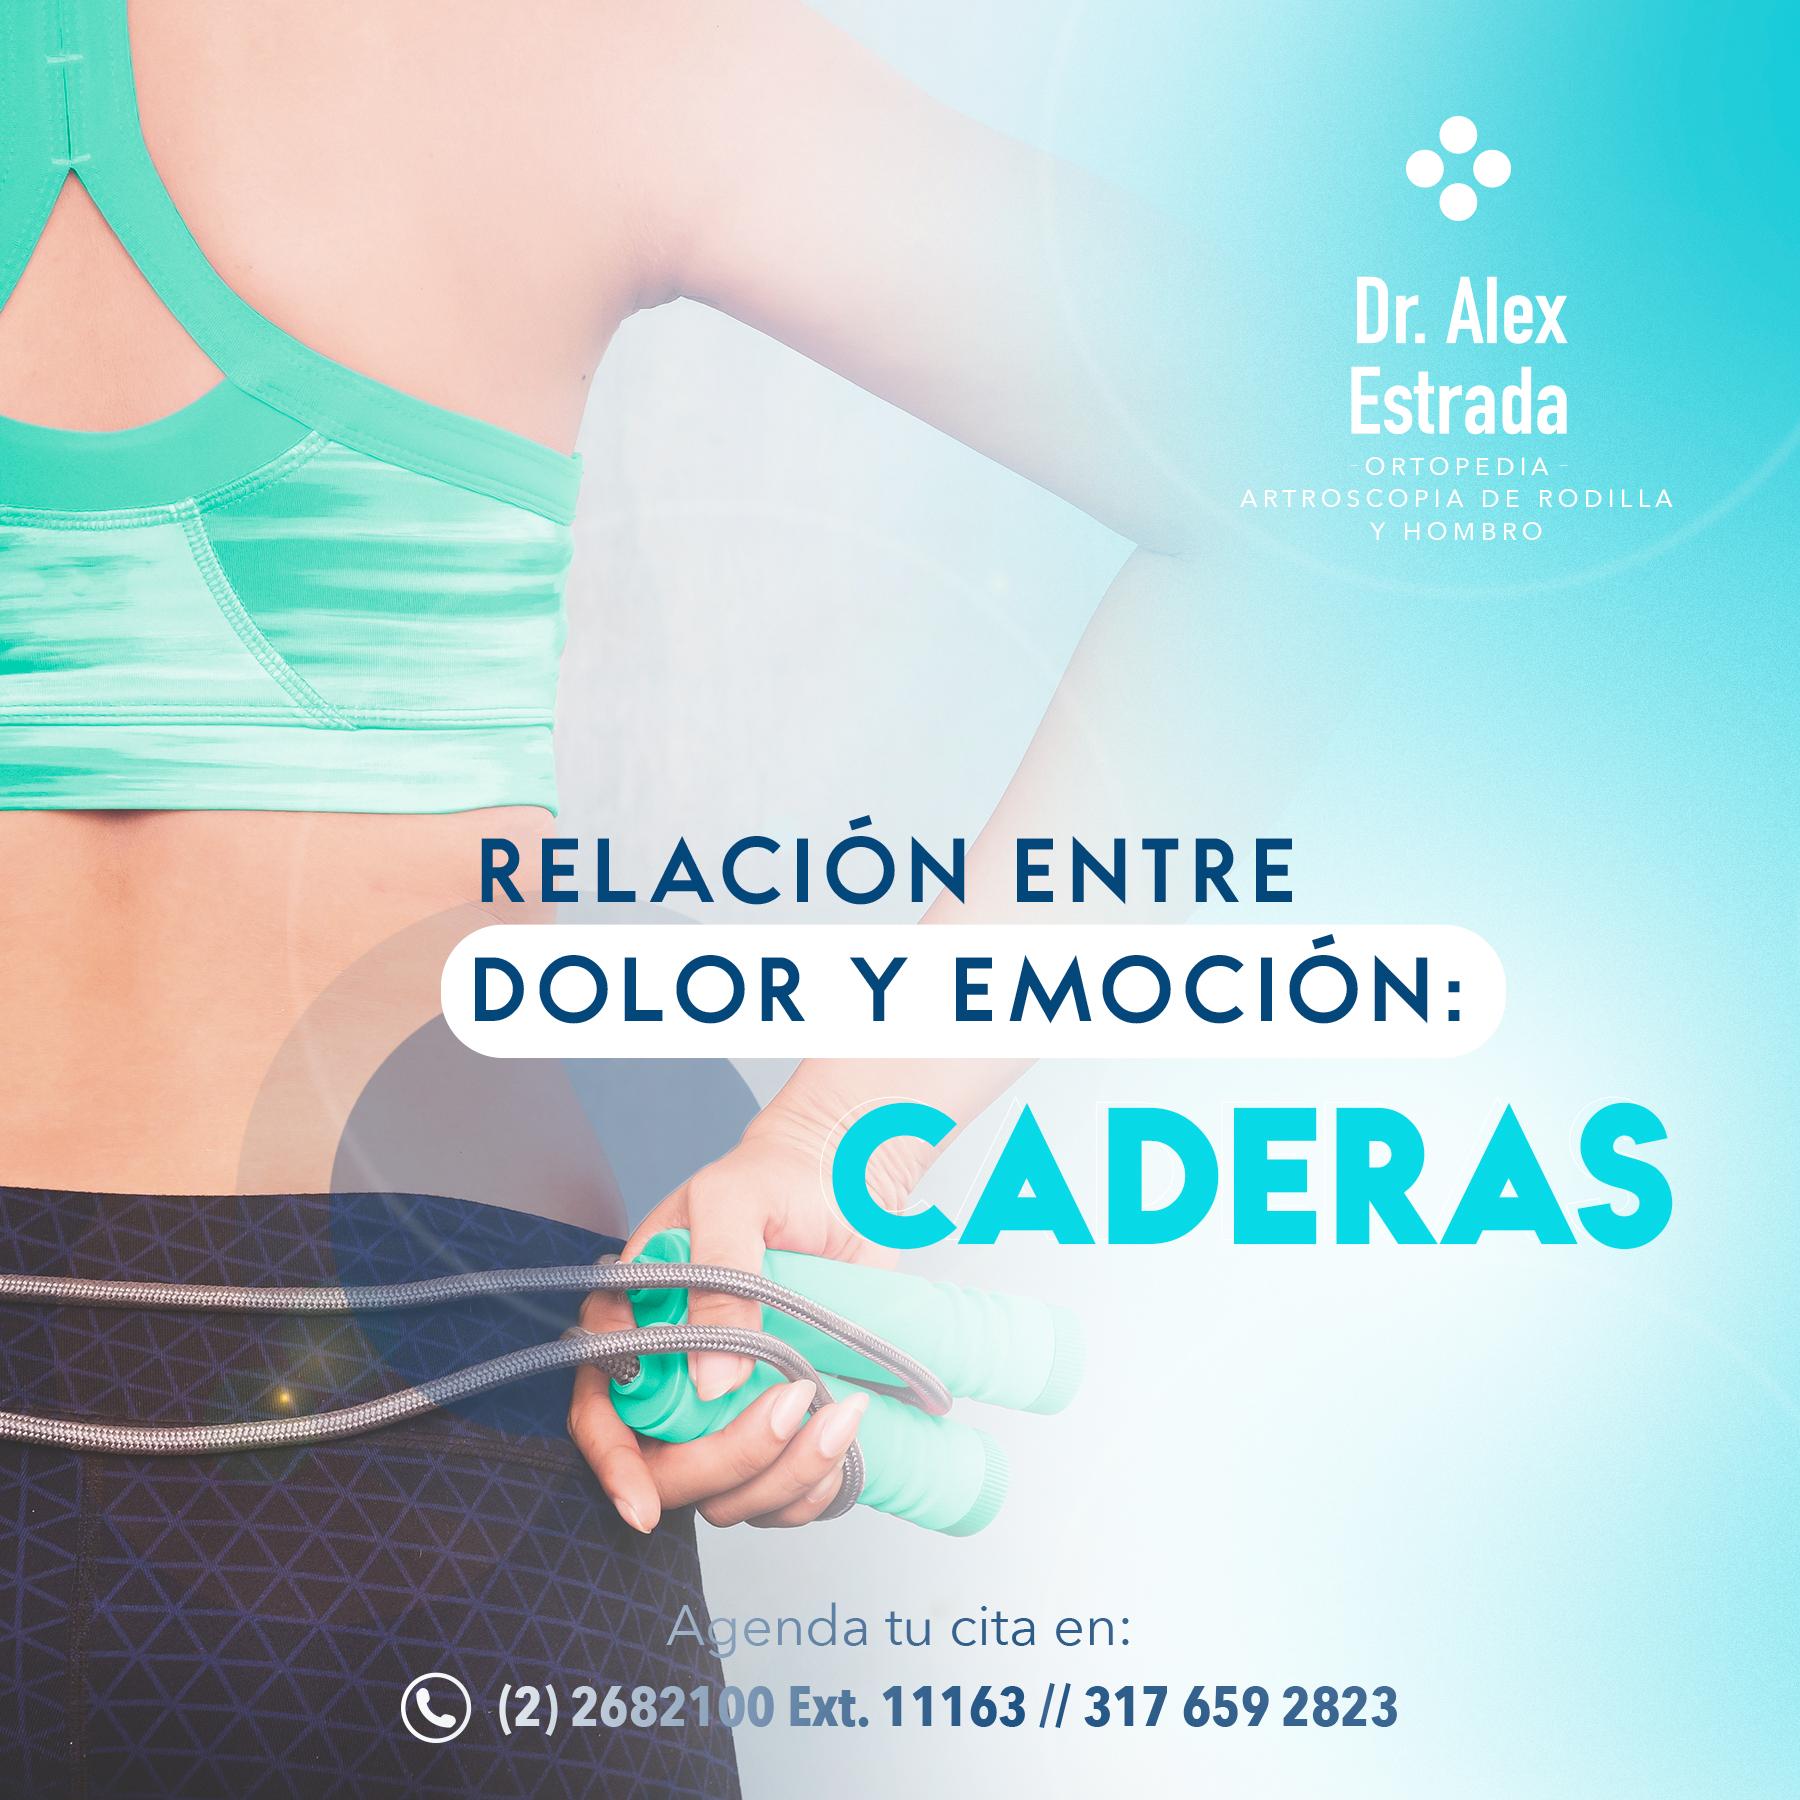 18_04_02_Post_A_Estrada_Caderas